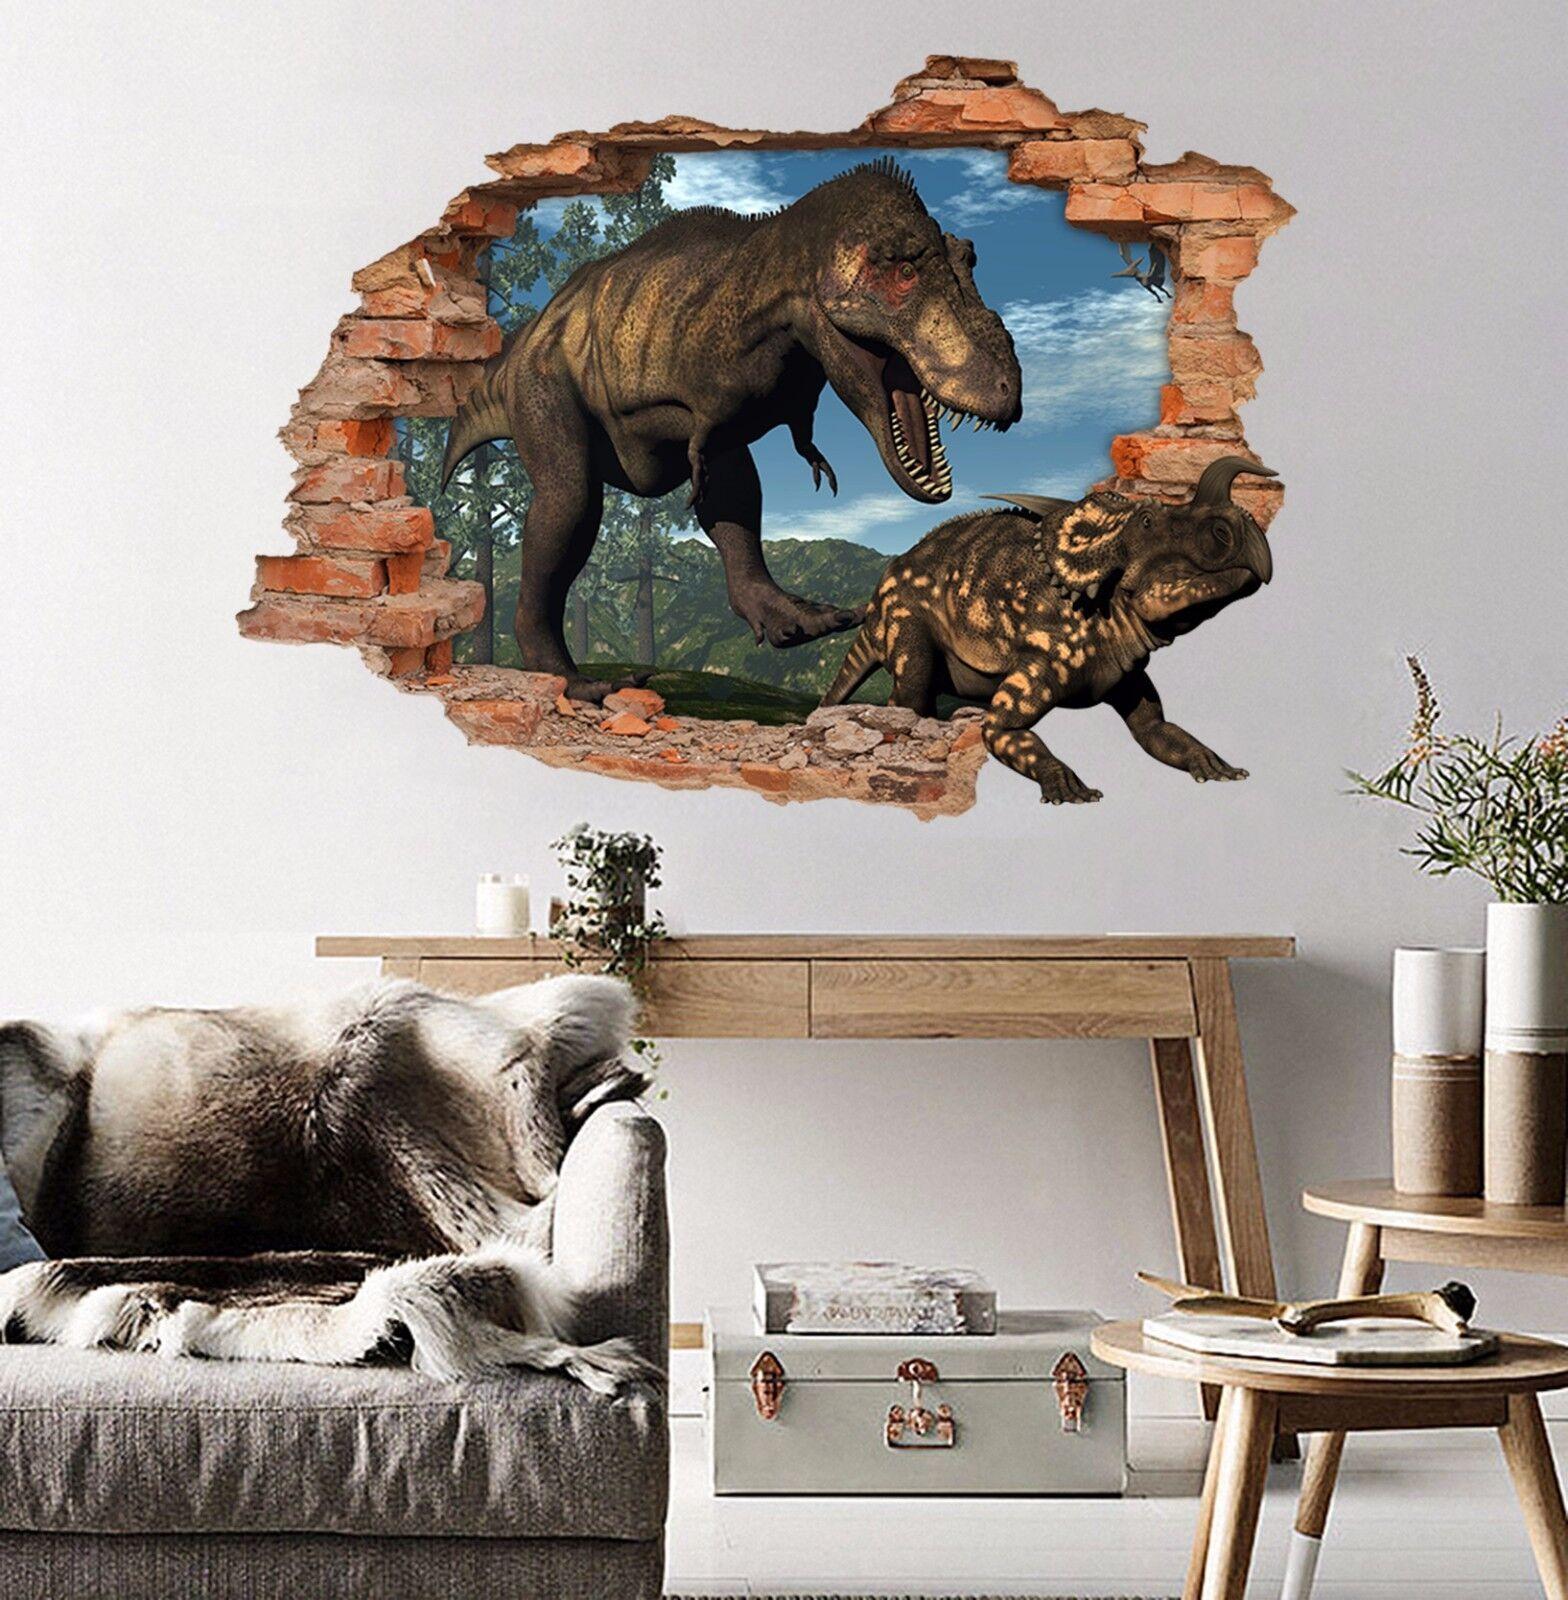 3D Dinosaurier 728 Mauer Murals Mauer Aufklebe Decal Durchbruch AJ WALL DE Kyra